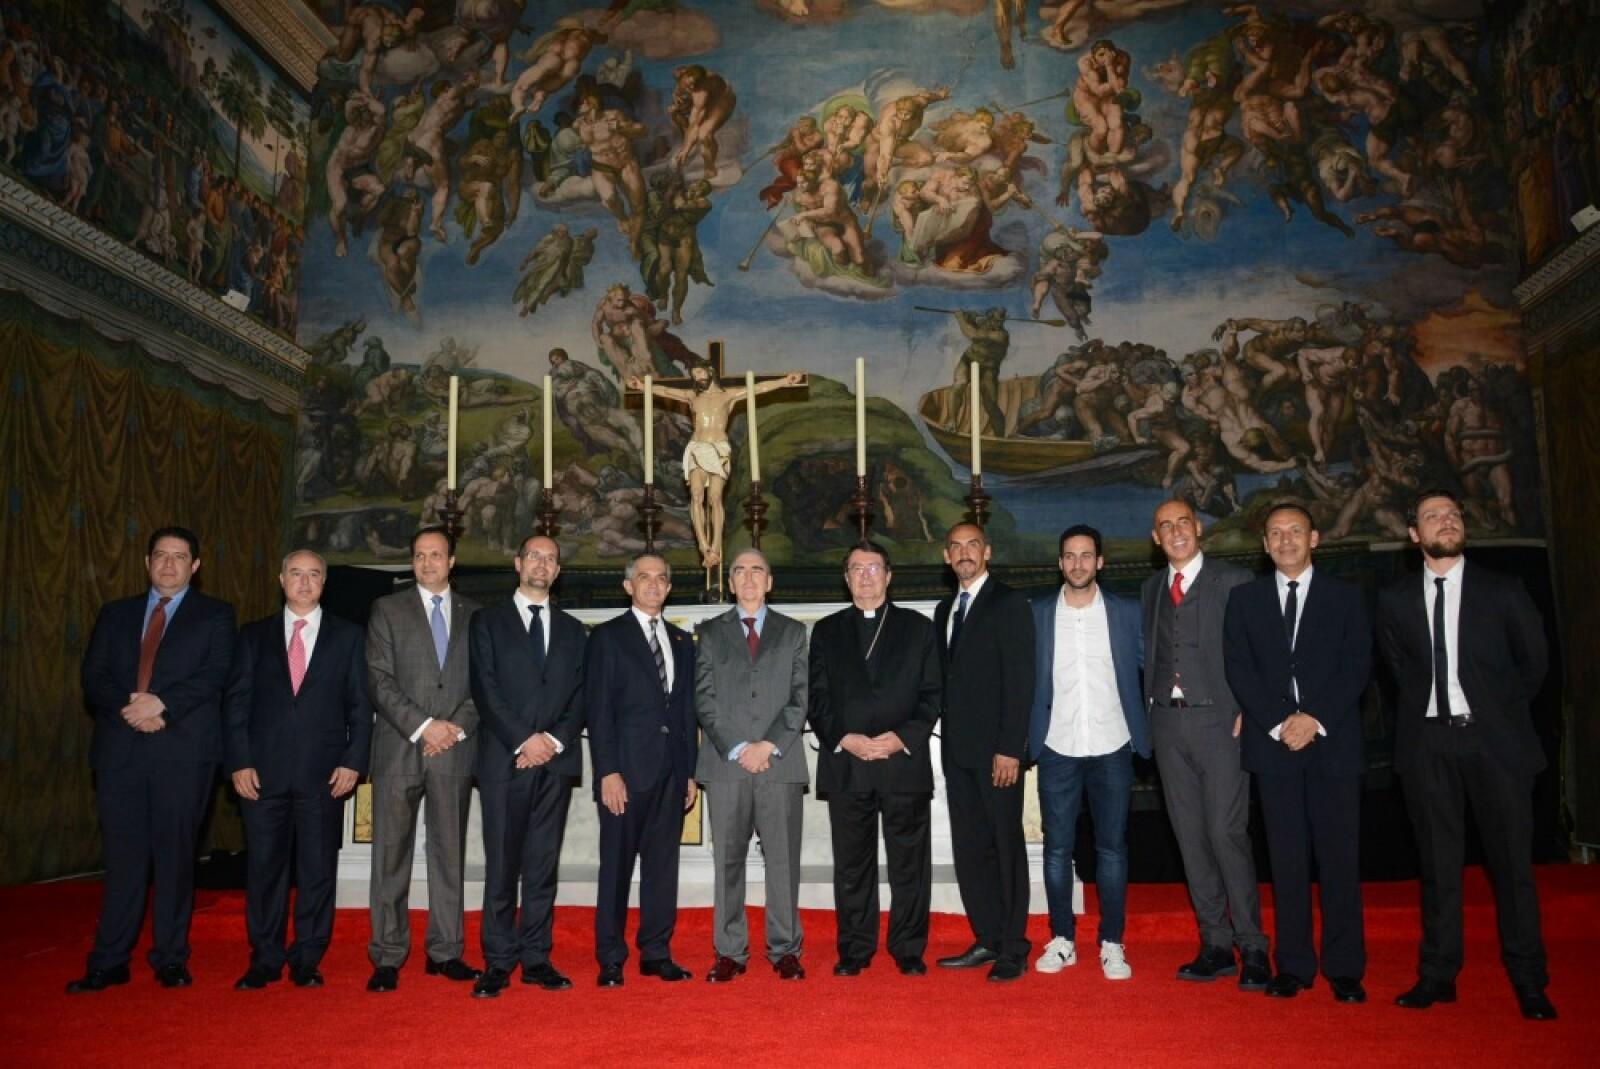 El acto fue presidido por el jefe de gobierno de la Ciudad de México, acompañado por el secretario de Cultura Rafael Tovar y Teresa, además de monseñor Christophe Pierre, y Roberto Romano, director general del Museo del Vaticano.